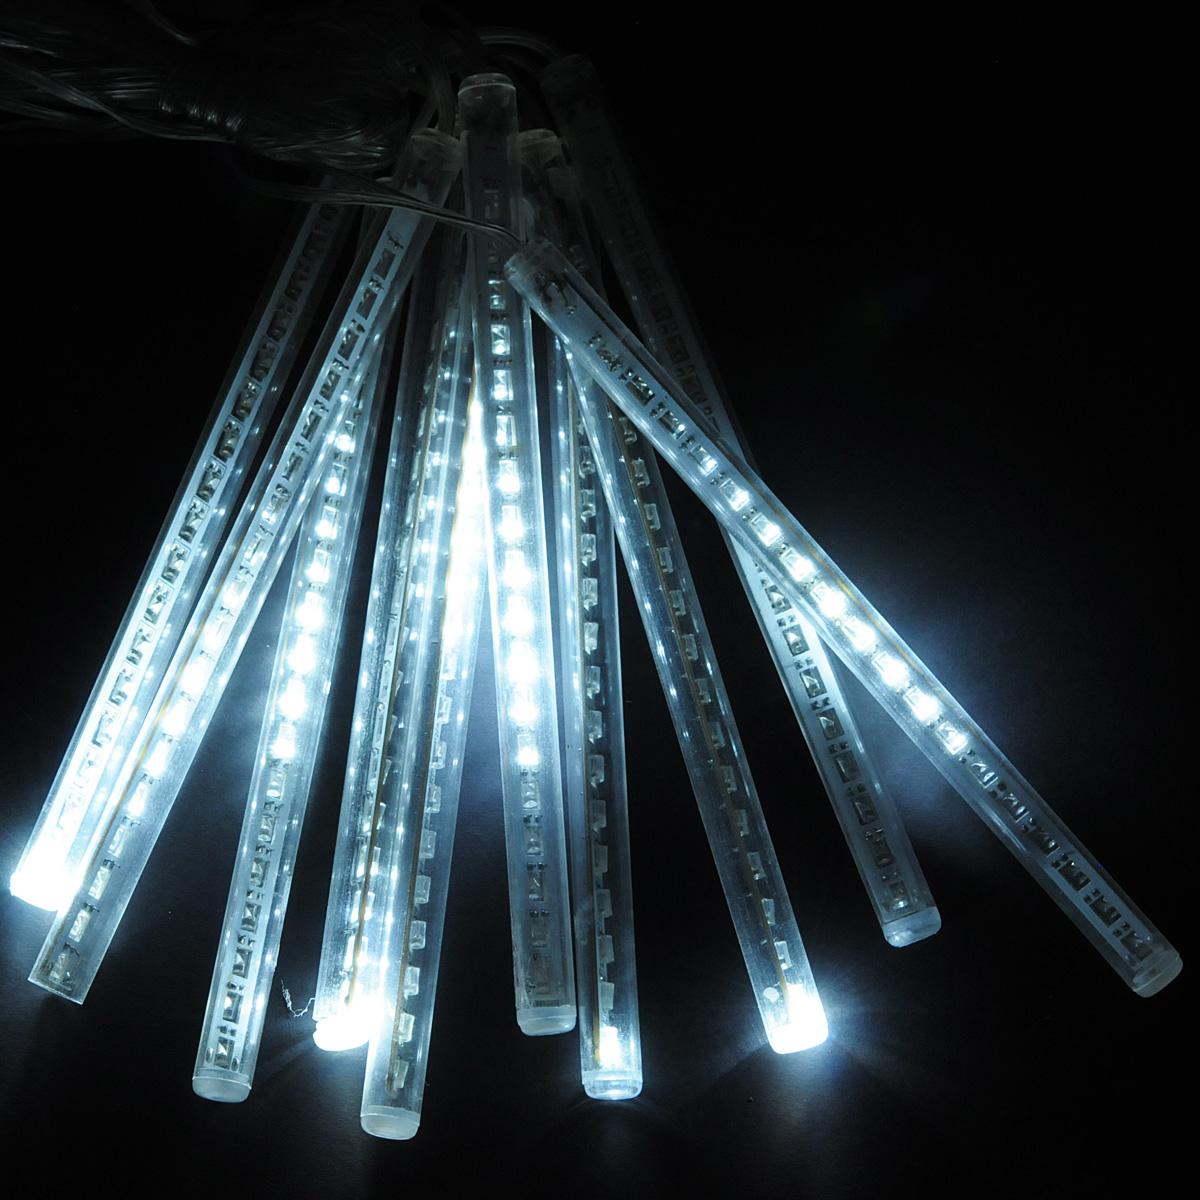 Гирлянда электрическая Lunten Ranta 10 подвесок, 180 светодиодов, 2,7 м60049Гирлянда электрическая Lunten Ranta 10 подвесок выполнена из пластика в оригинальном стиле с возможностью подключения дополнительных сегментов. Такая гирлянда украсит ваш дом изнутри. Оригинальный дизайн и красочное исполнение создадут праздничное настроение. Откройте для себя удивительный мир сказок и грез. Почувствуйте волшебные минуты ожидания праздника, создайте новогоднее настроение вашим дорогим и близким. Работает от работает от сети 220В.